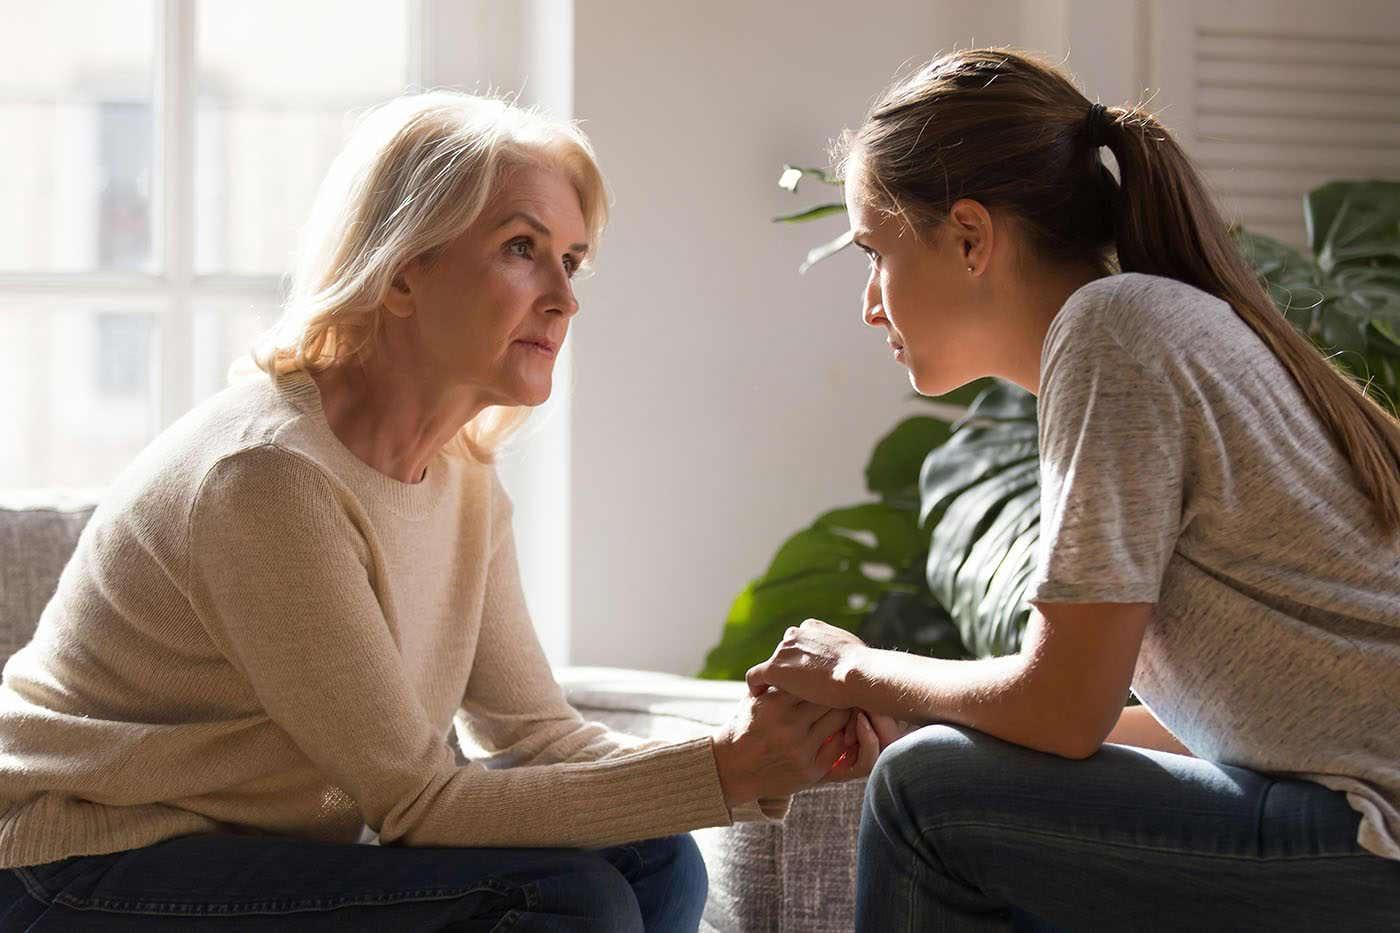 De ce sprijinul emoțional al familiei este important în adolescență?